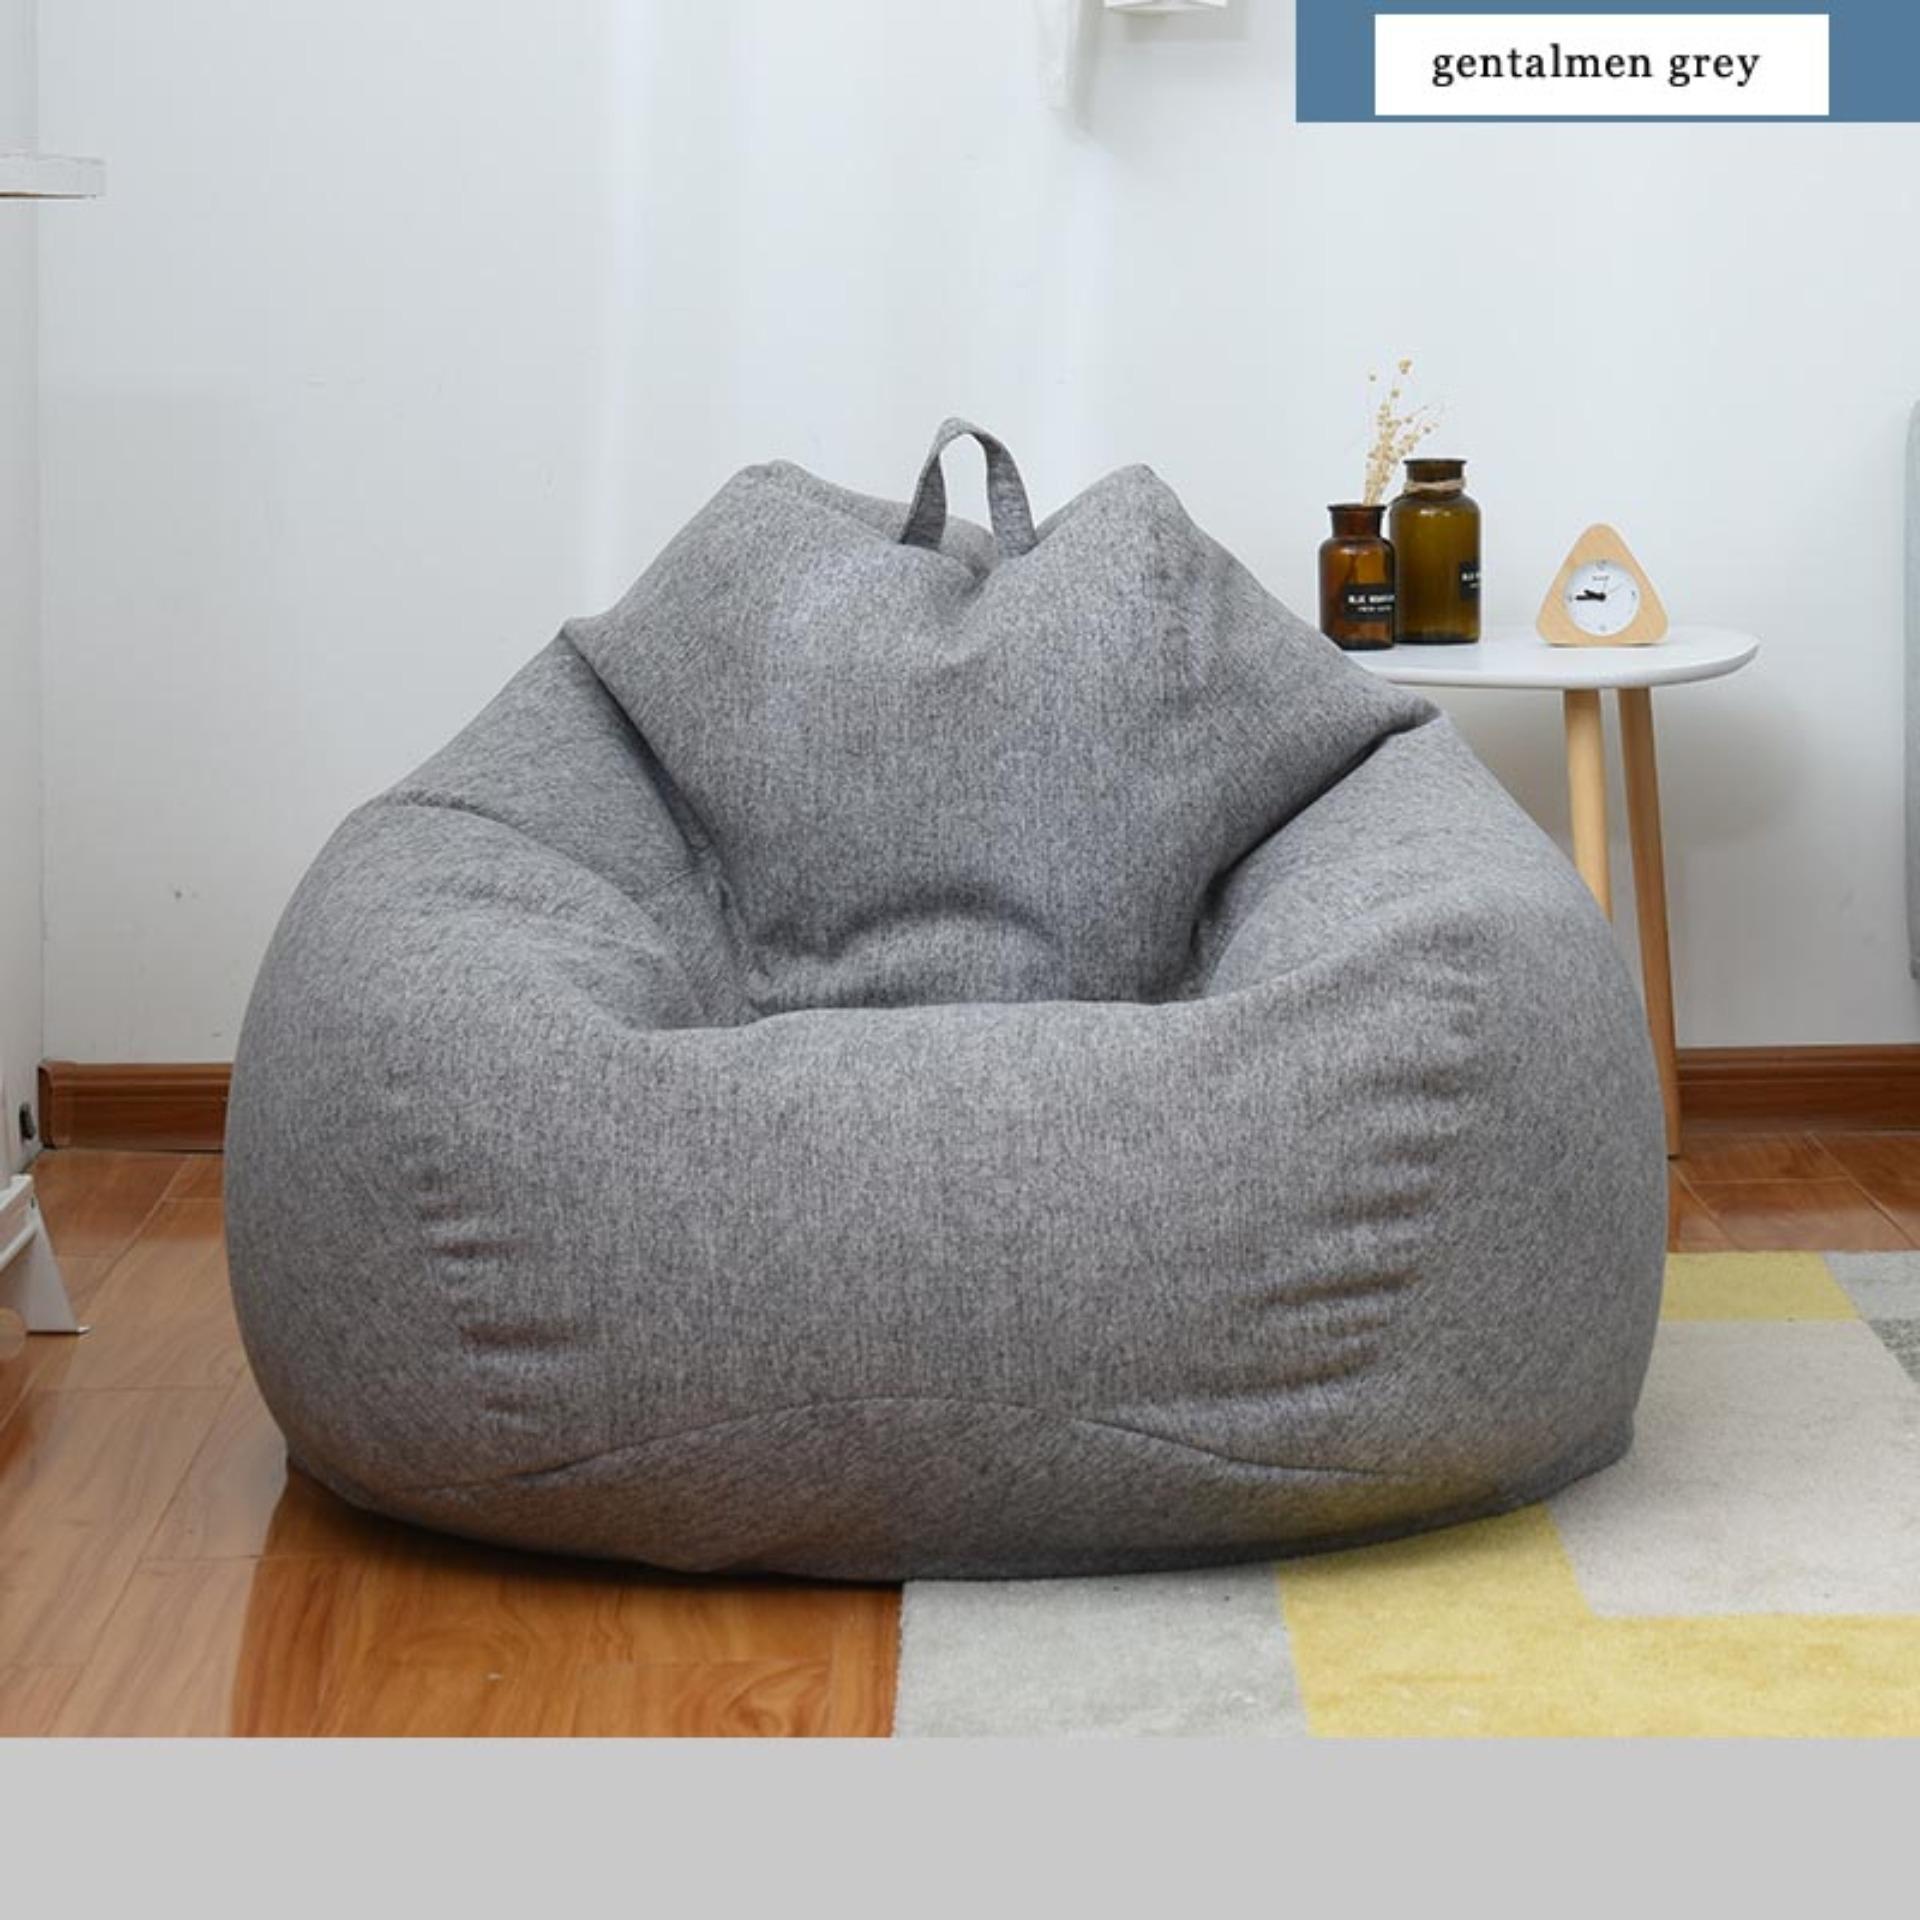 Bean Bag Chair Sofa- Large & Bean Bag Chairs for sale - Bean Bag Chair Furniture prices brands ...